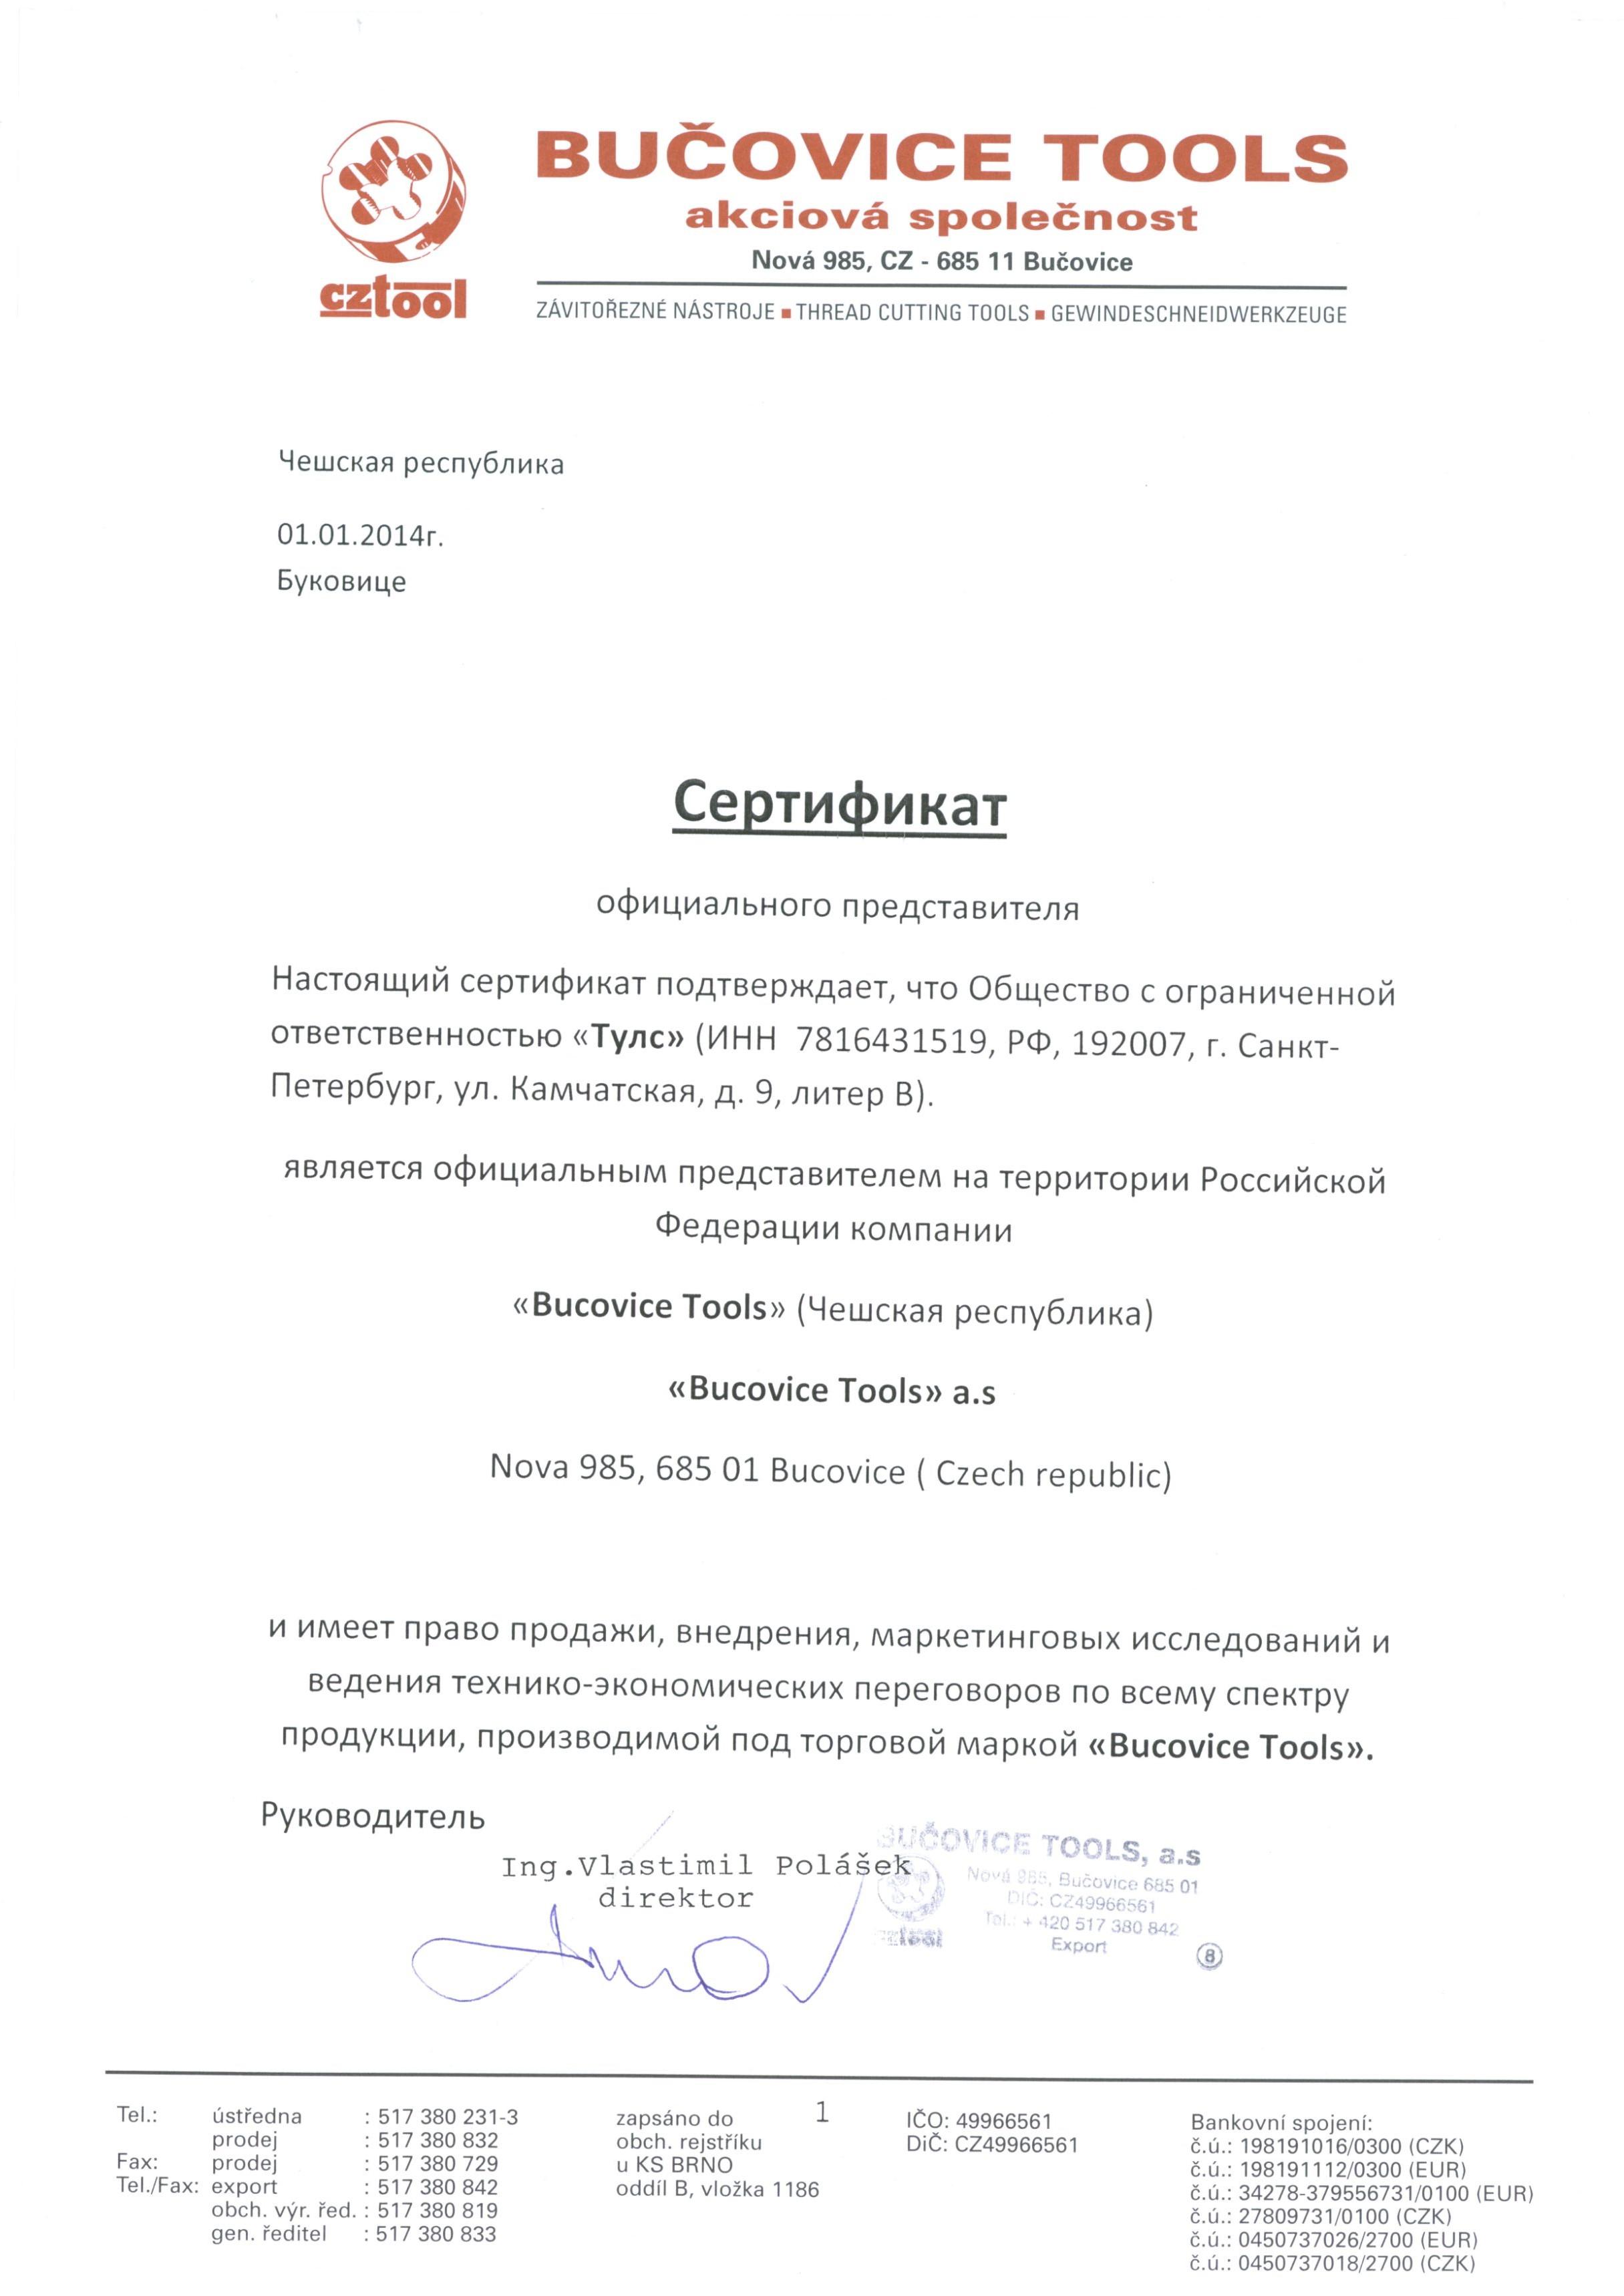 Сертификат представительства